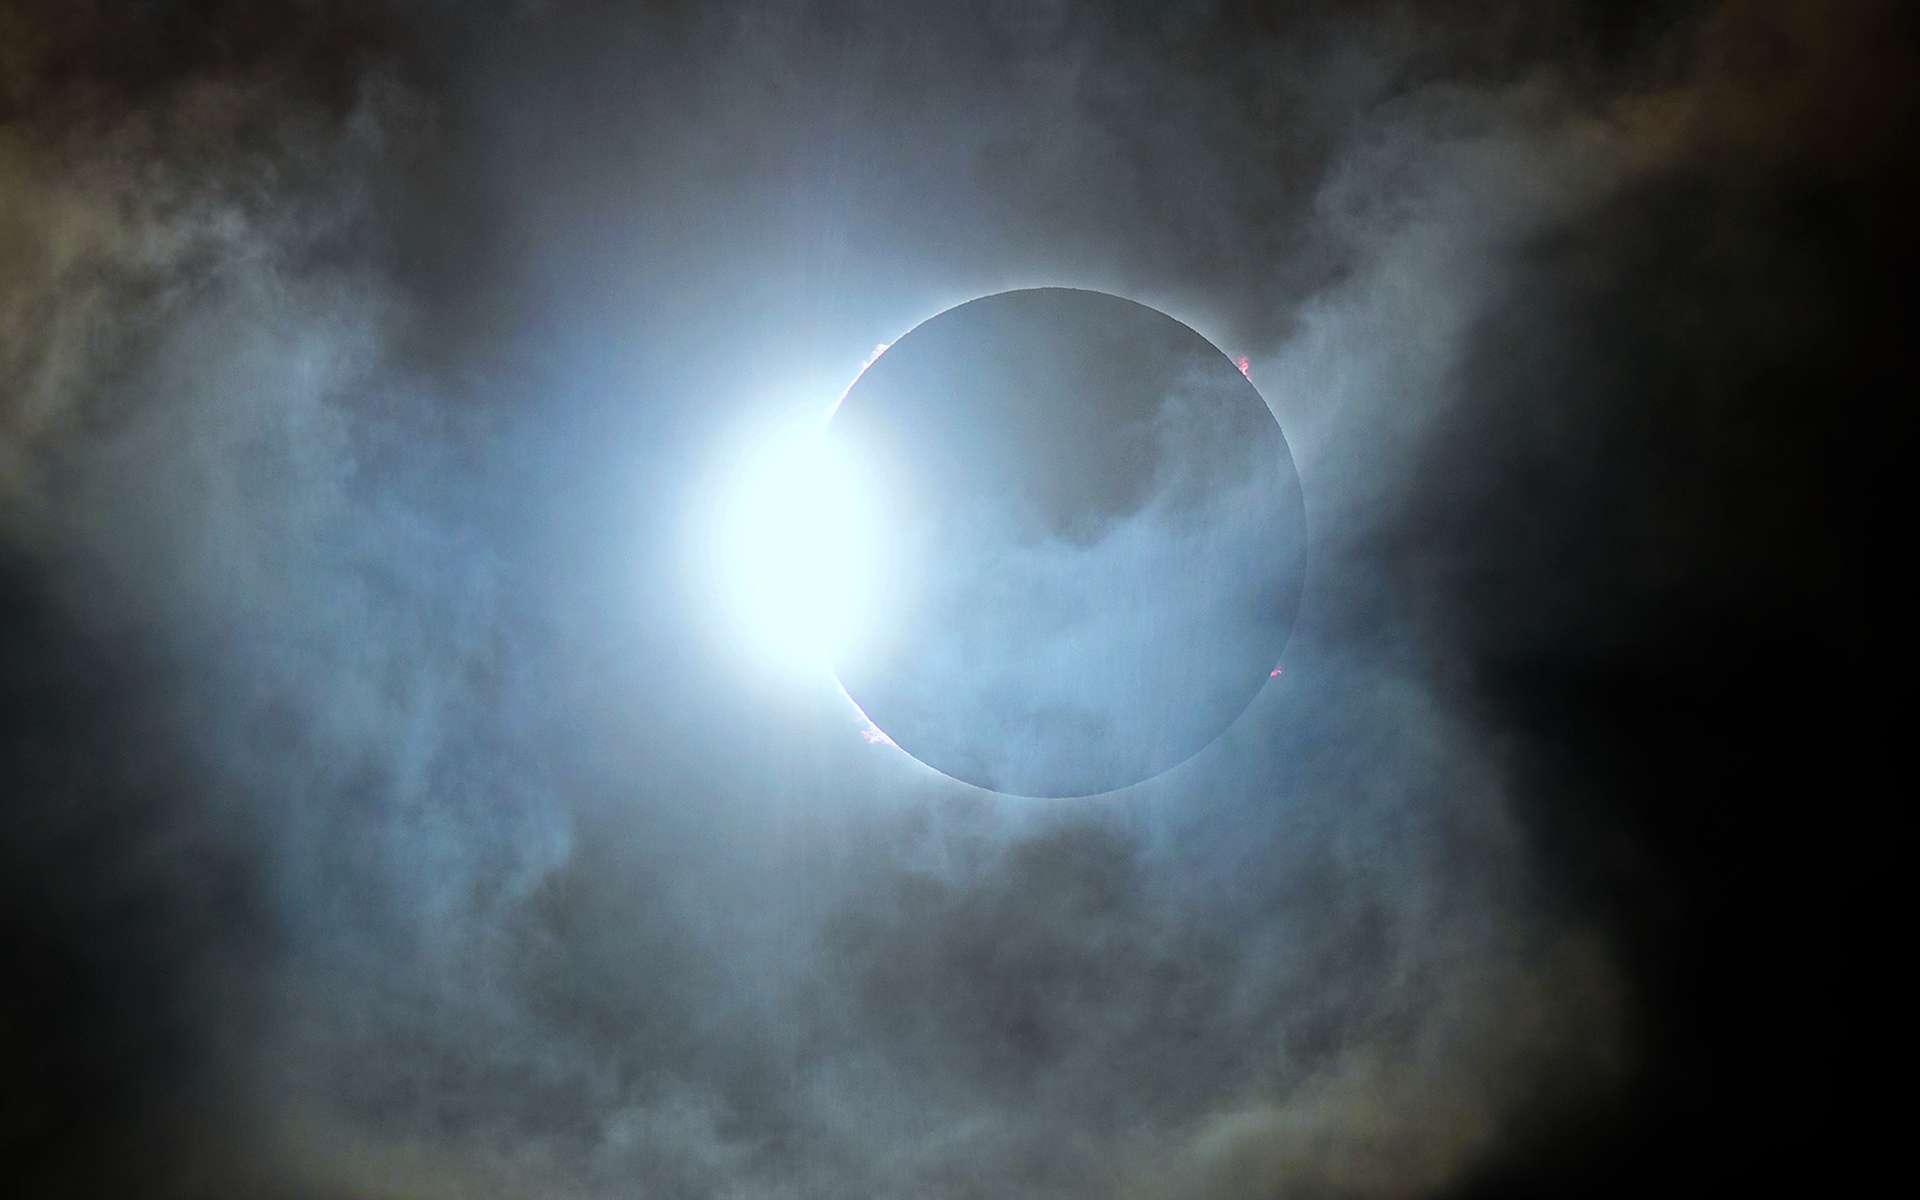 Magnifique photo de l'éclipse totale du Soleil prise le 14 décembre 2020. Des éruptions solaires débordant du disque lunaire sont bien visbles. © Mariano Ribas (Planetario de la Ciudad de Buenos Aires)